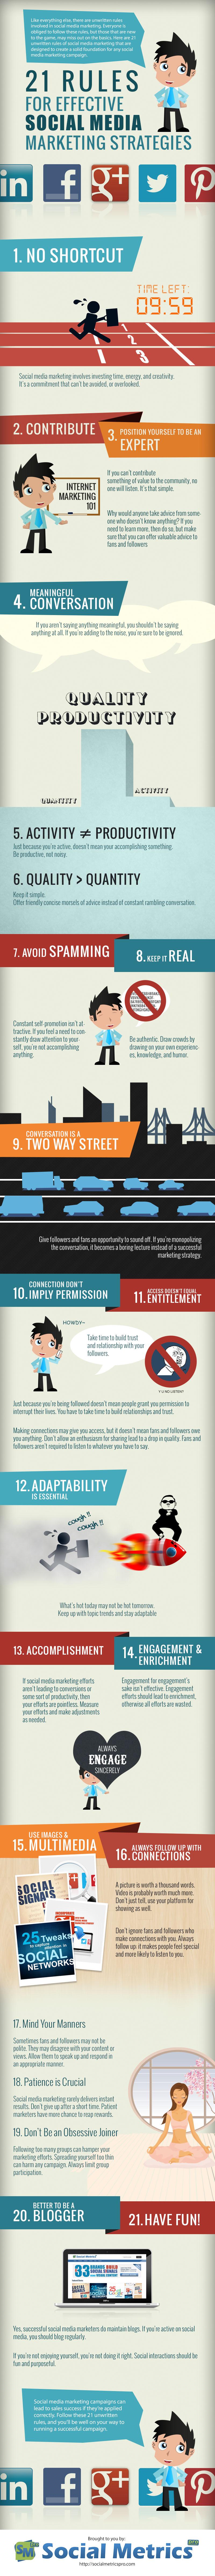 21 regles pour bien communiquer sur les reseaux sociaux